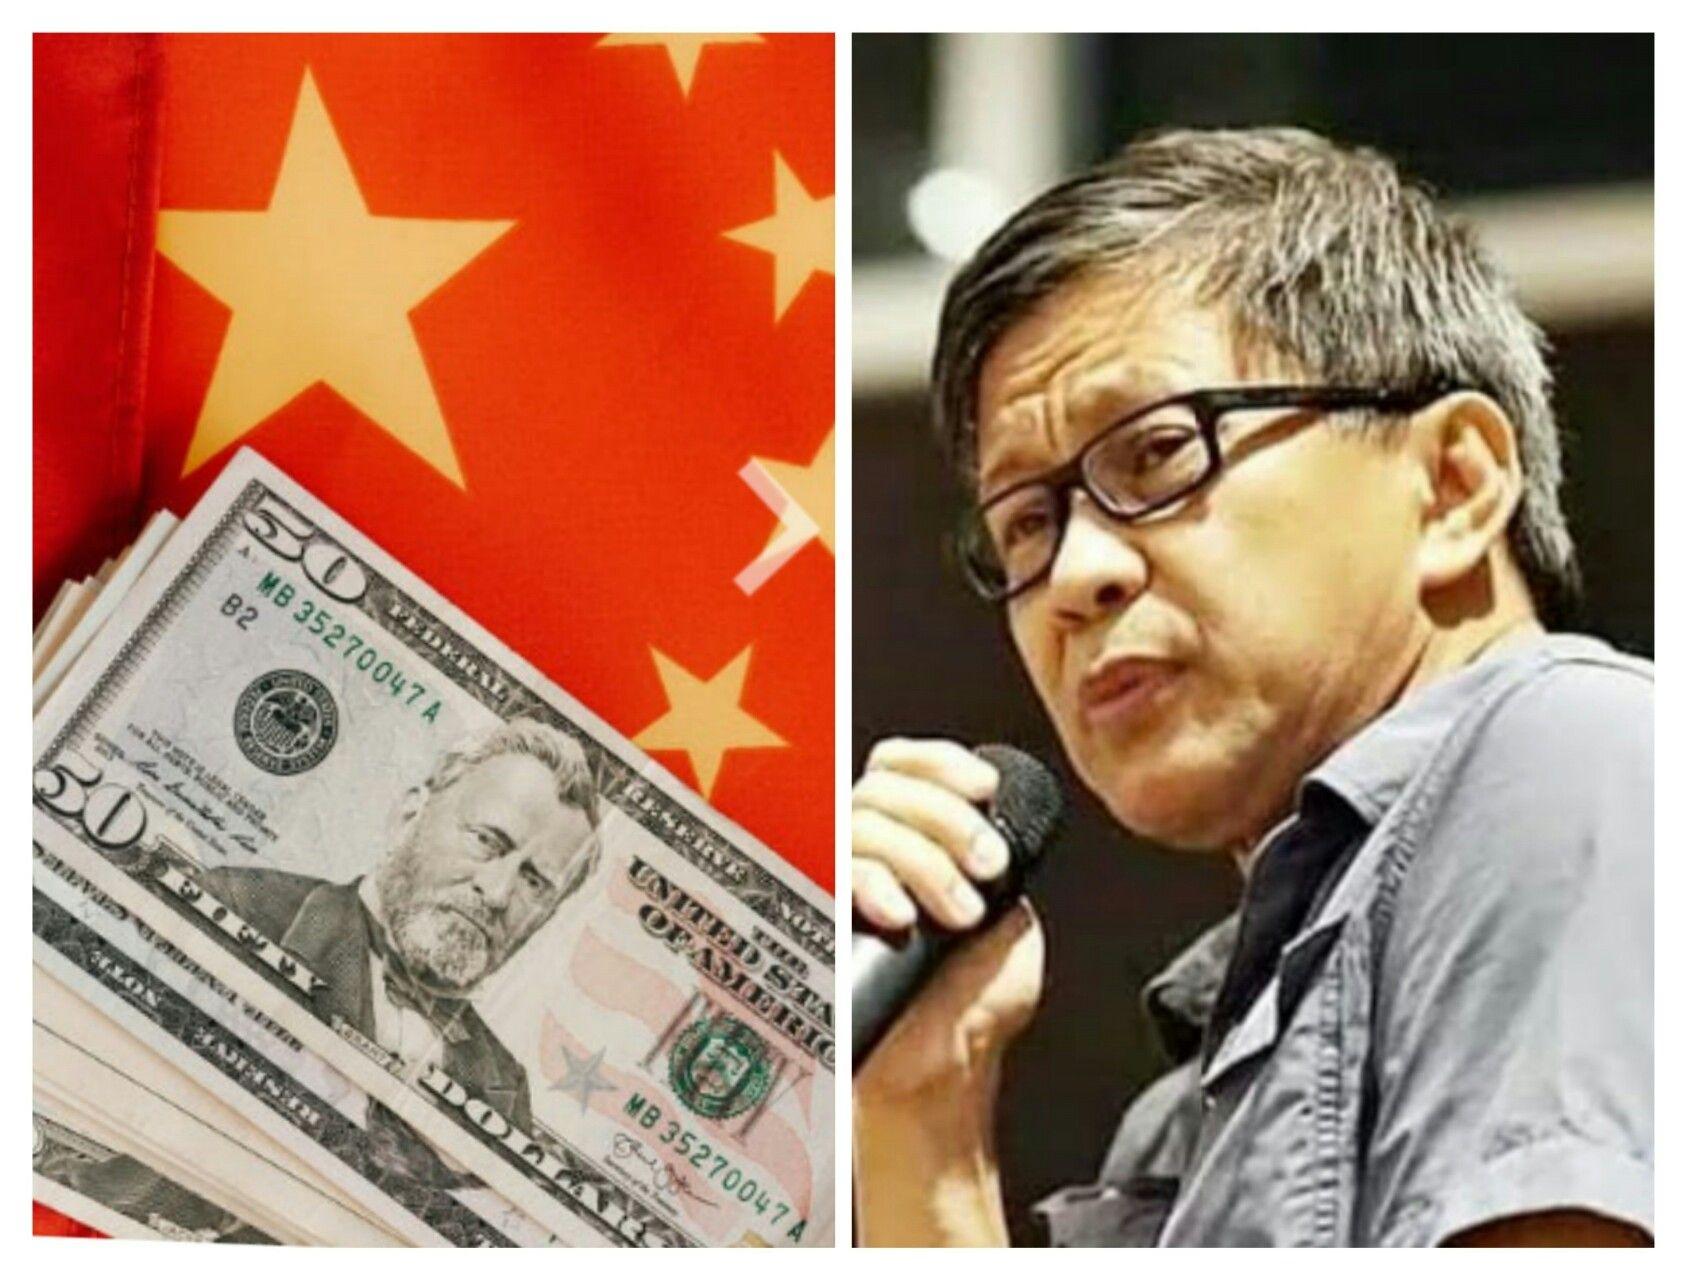 Indonesia Punya Hutang 'Gelap' Triliunan ke China, Rocky Gerung: Kedaulatan RI Diambil Alih Tiongkok!